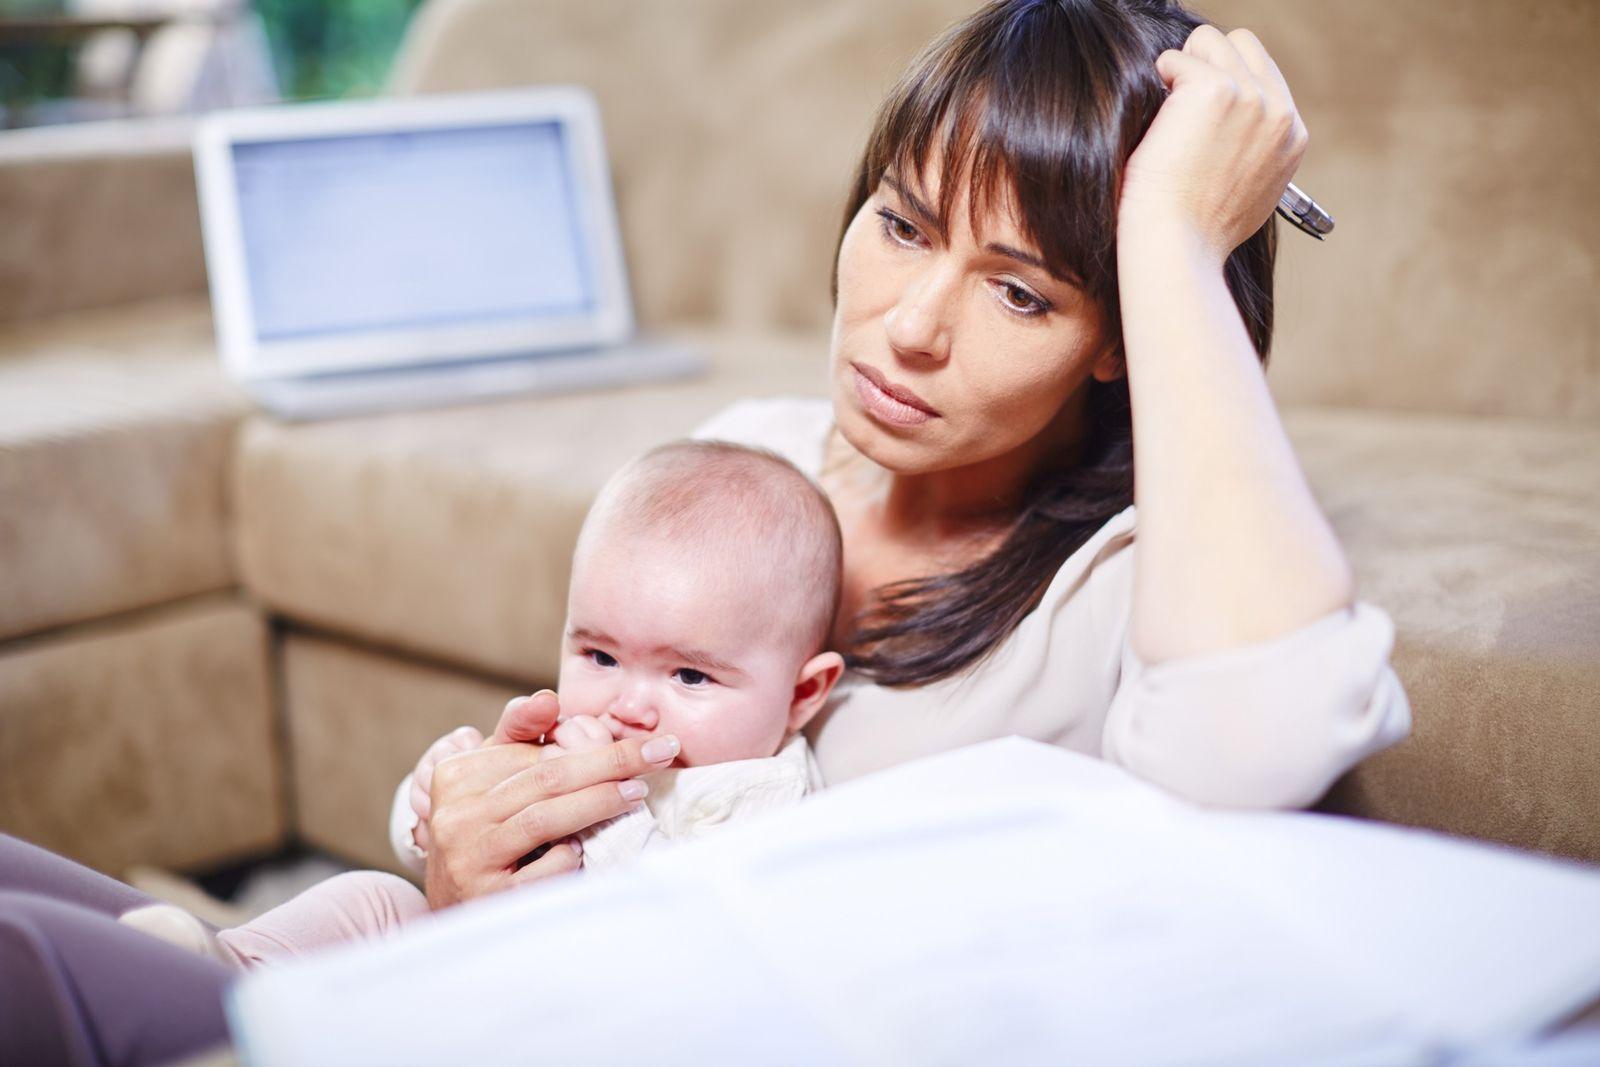 NICHT MEHR VERWENDEN! - Mutter/ Kind/ Baby/ Heimarbeit/ Homeoffice